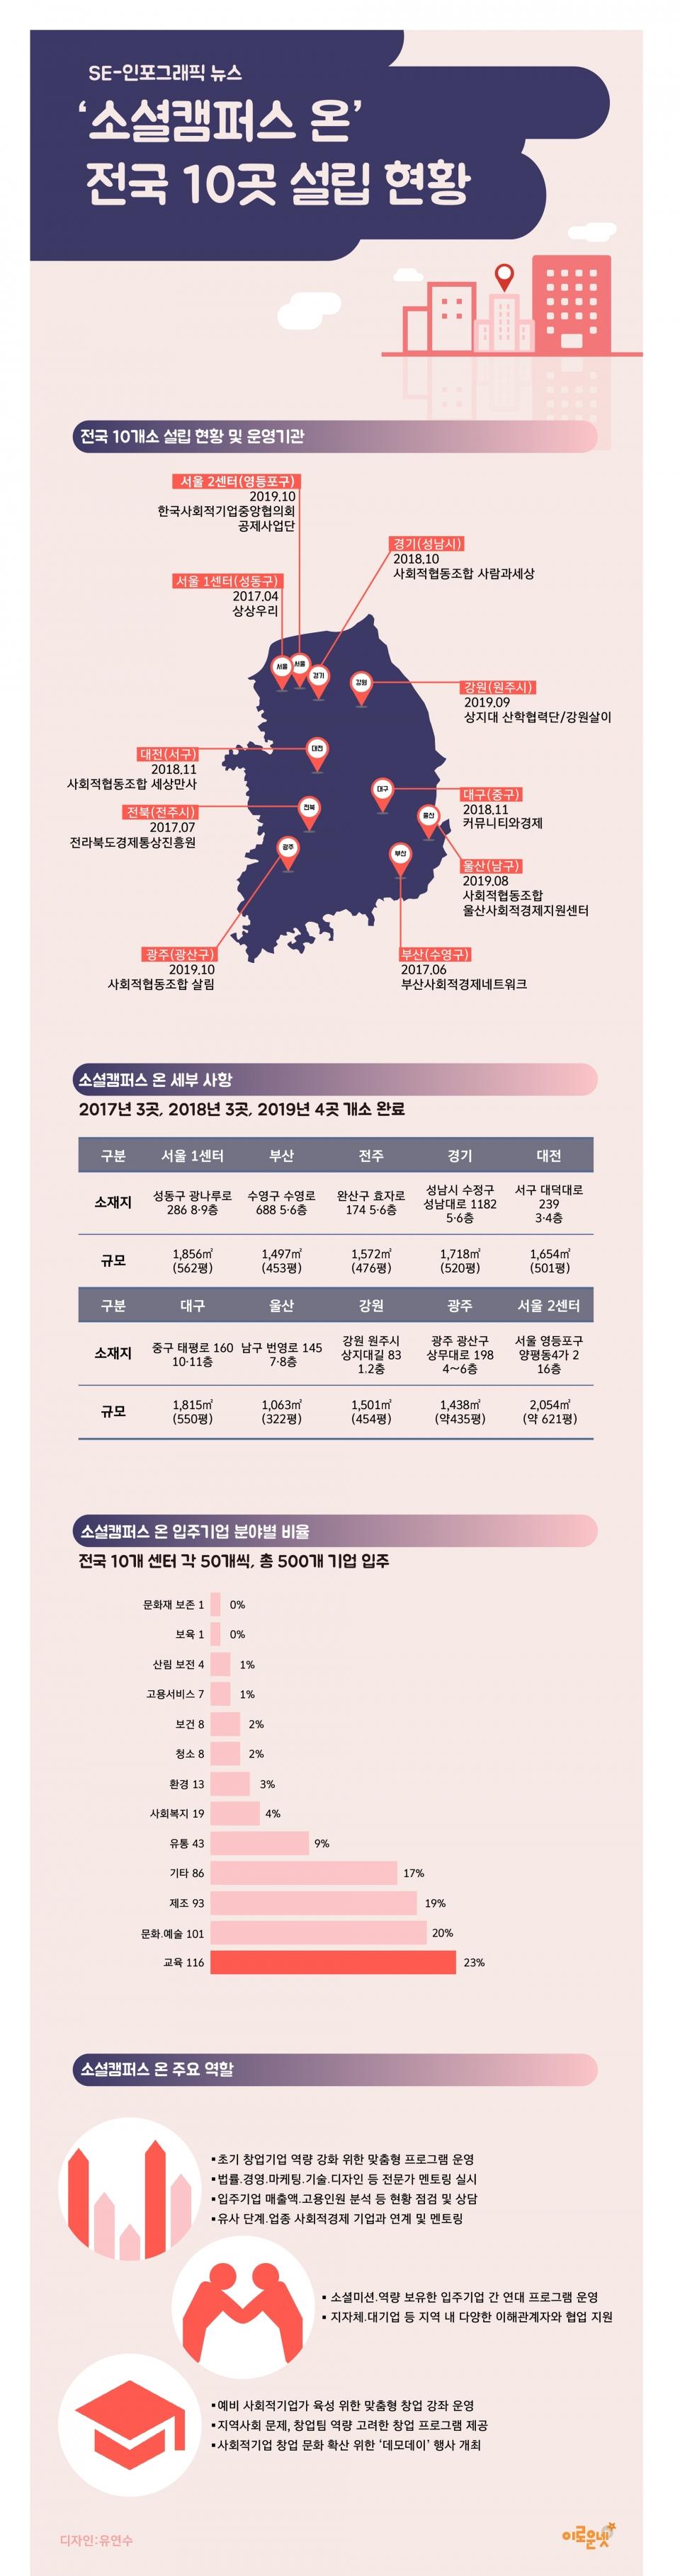 '소셜캠퍼스 온' 전국 10곳 설립 현황 인포그래픽./디자인=유연수